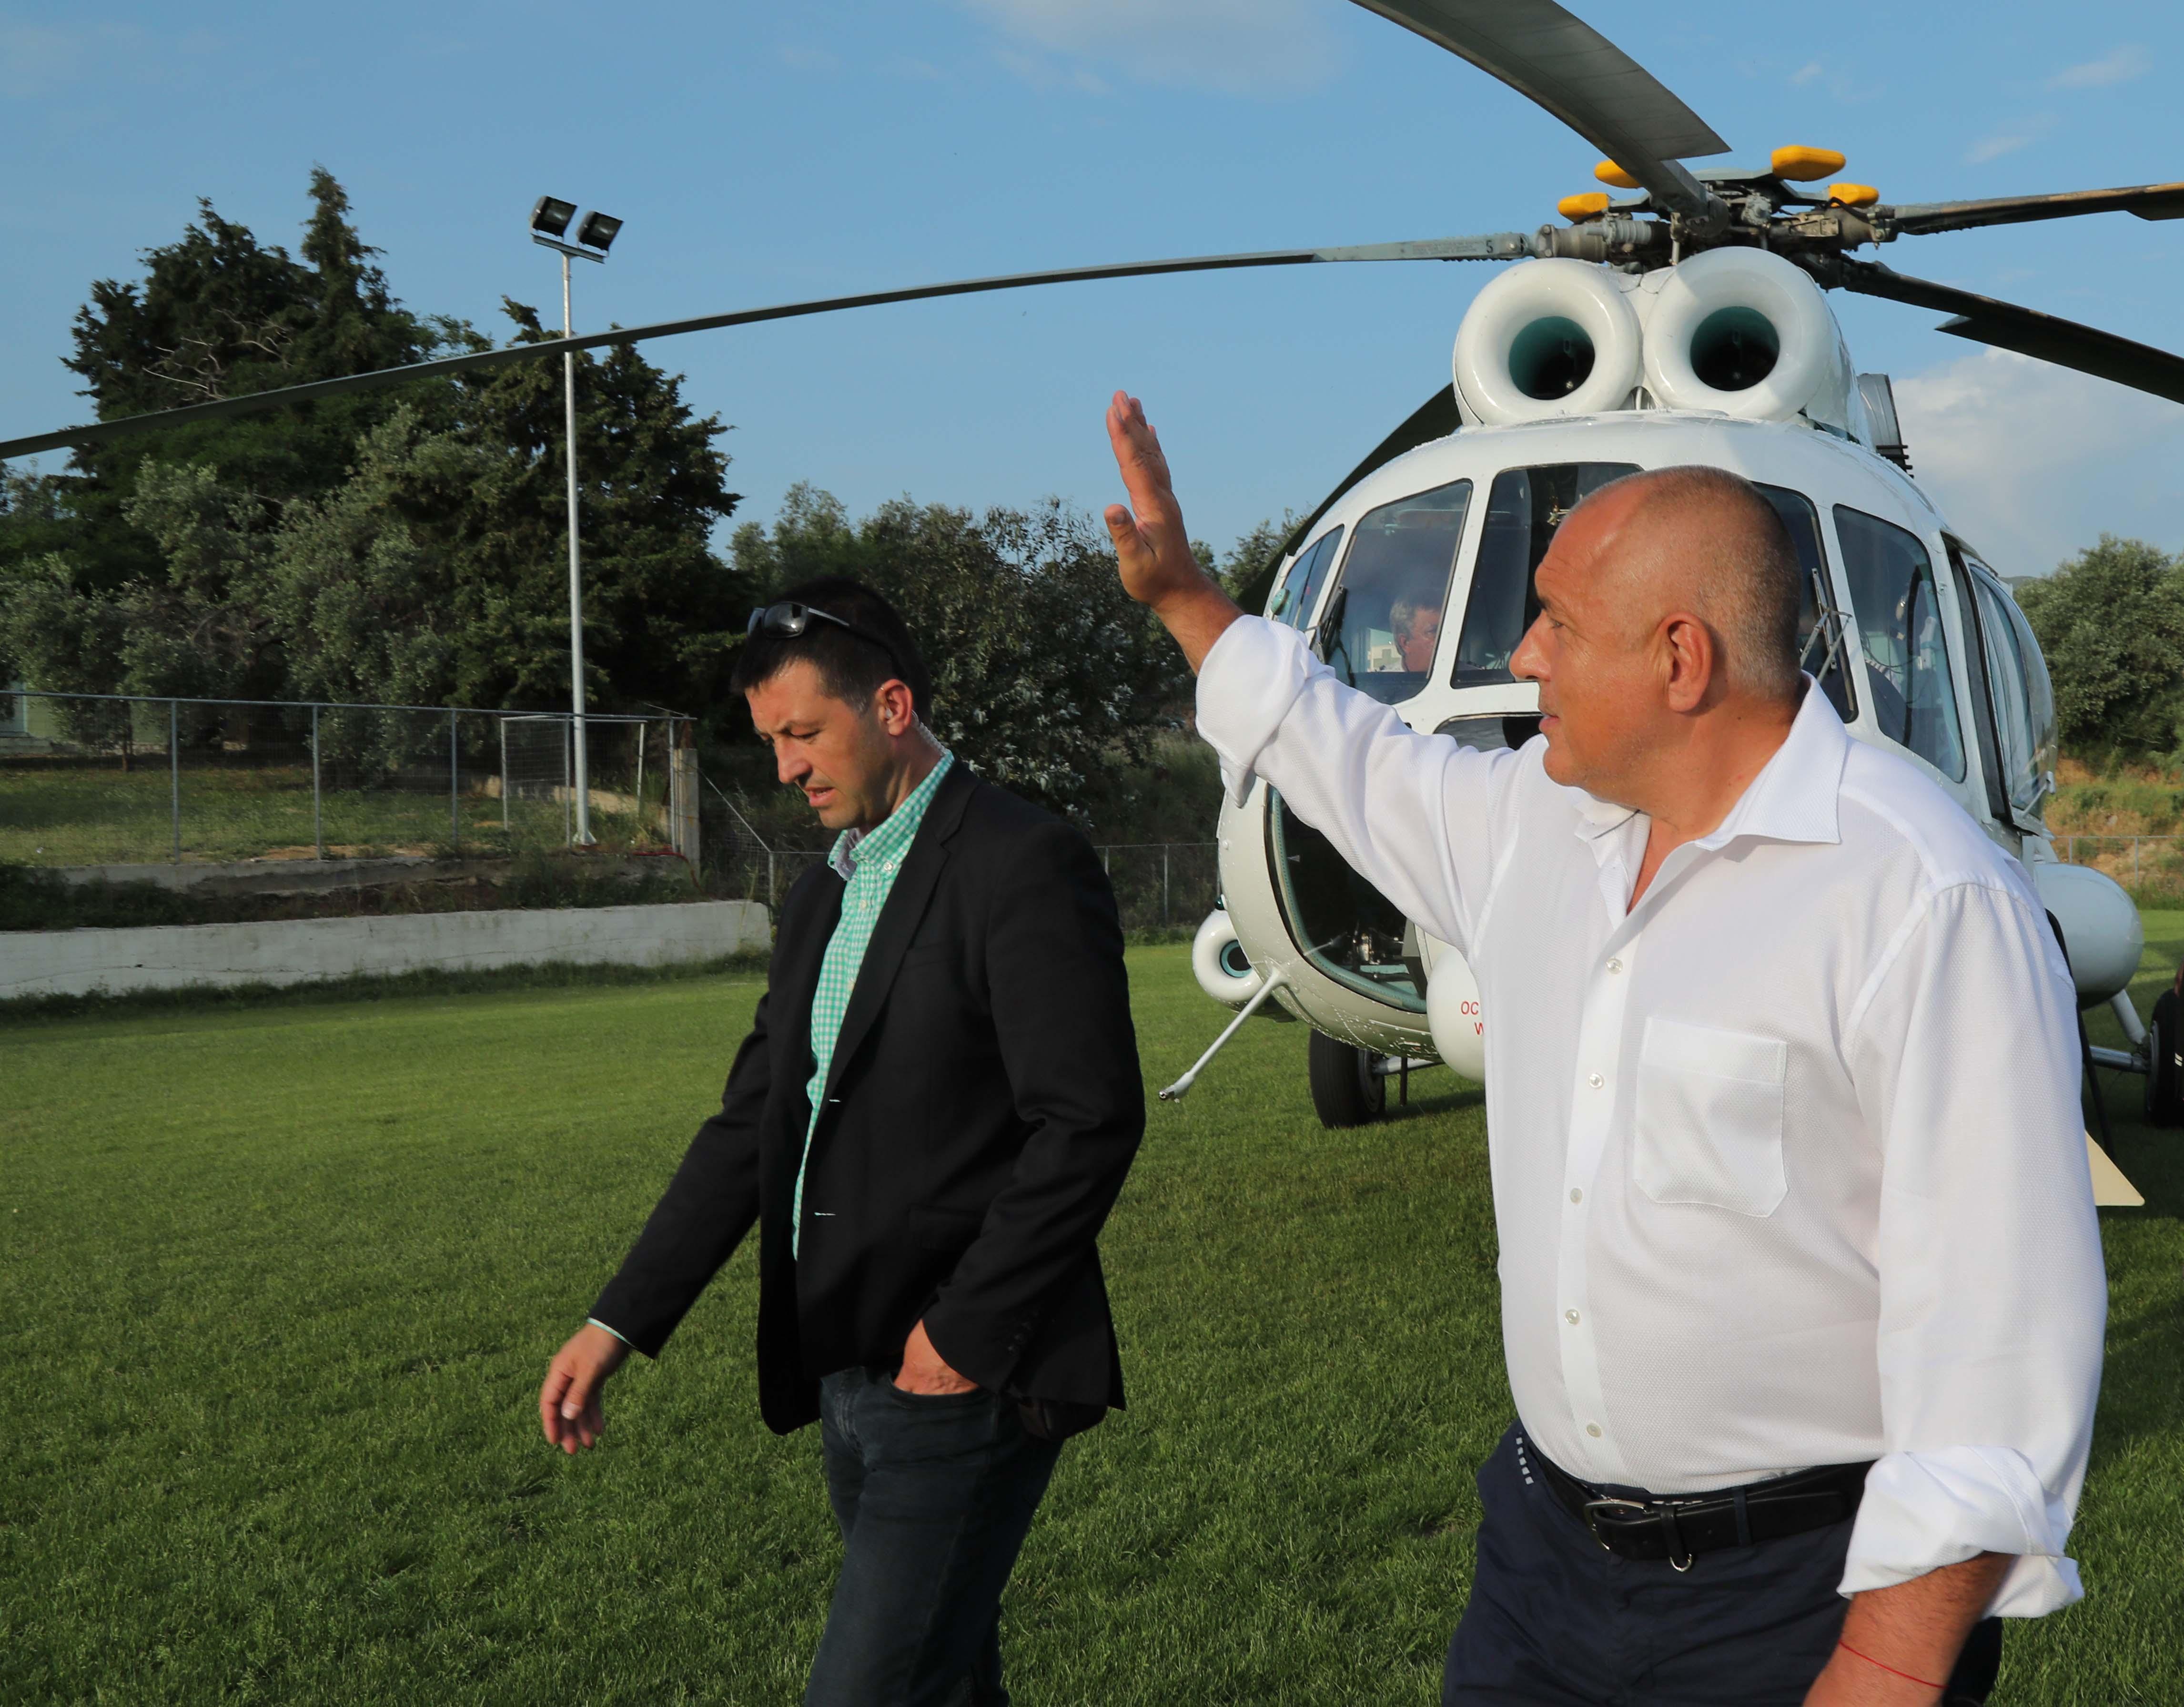 Машината кацна на спортен терен и пристигането на премиера беше наблюдавано с учудване от трениращите наблизо деца. Борисов им помаха за поздрав.